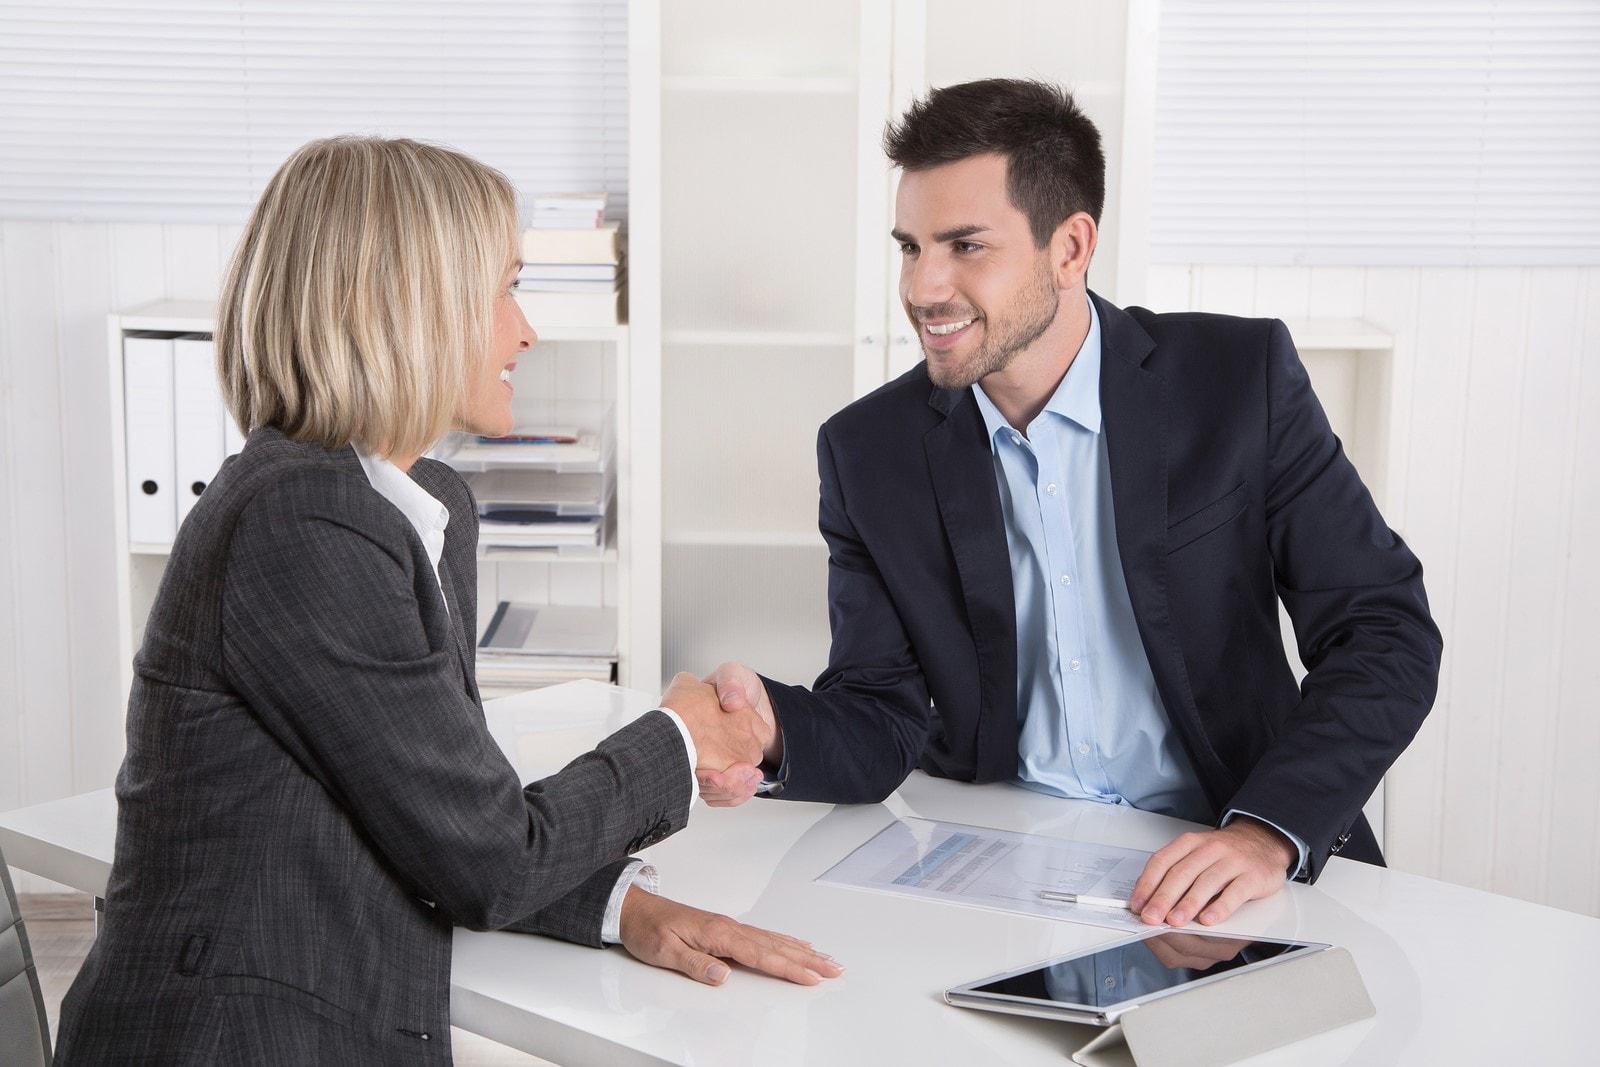 Партнерство в бизнесе